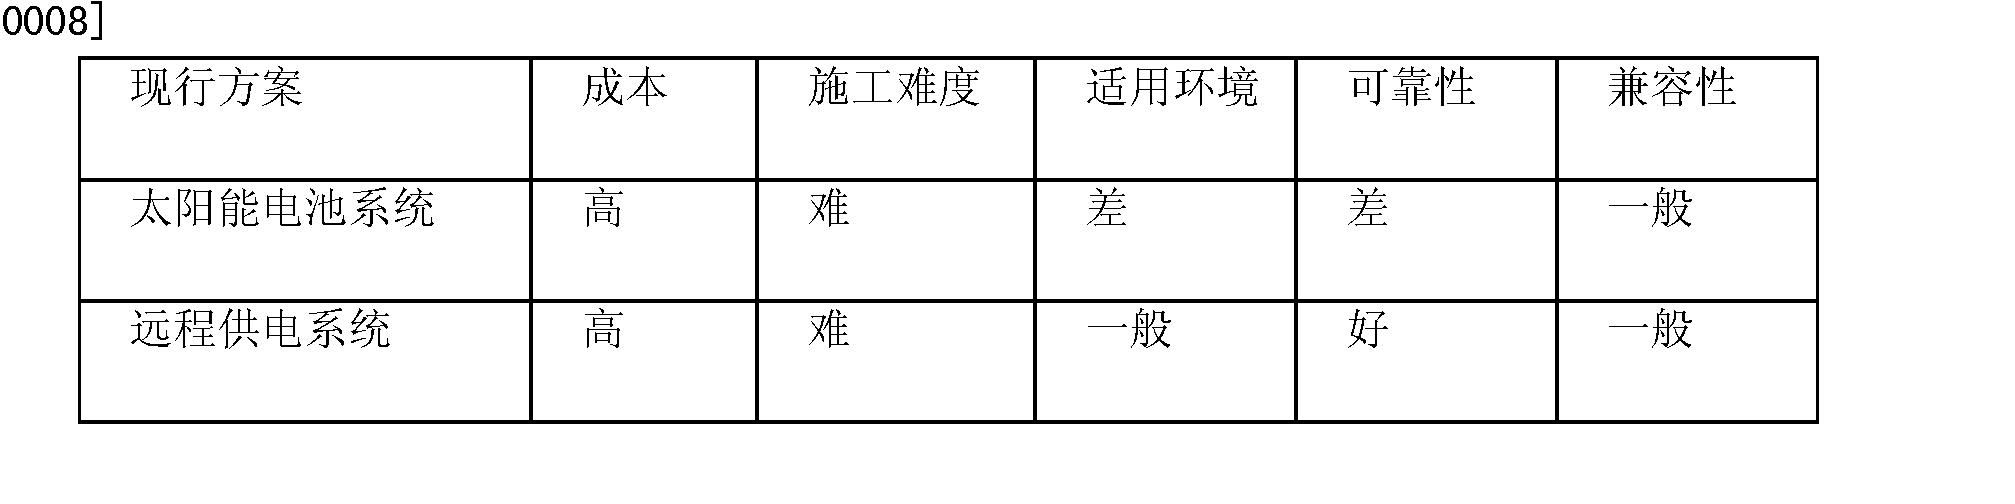 Figure CN101902068BD00031